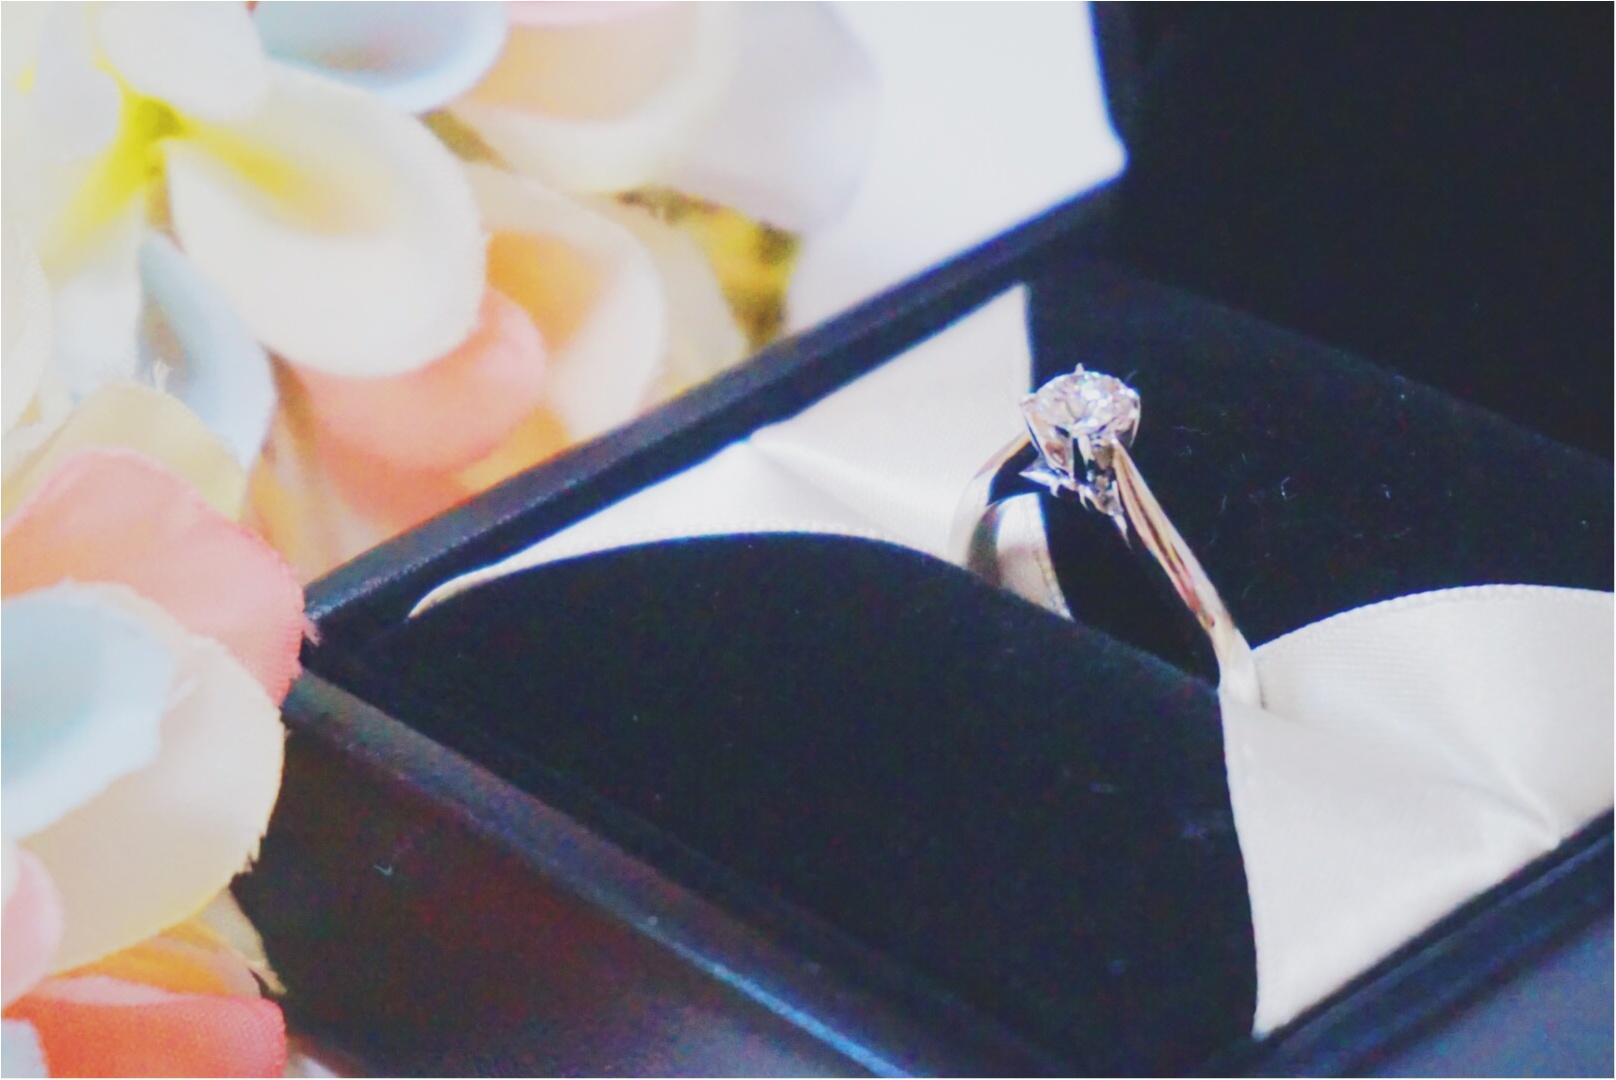 エンゲージリングは『好きなものを選んで欲しい』♡べルギー王室御用達‼︎世界で1番美しいと実証されたダイヤモンドを君に♡︎_2